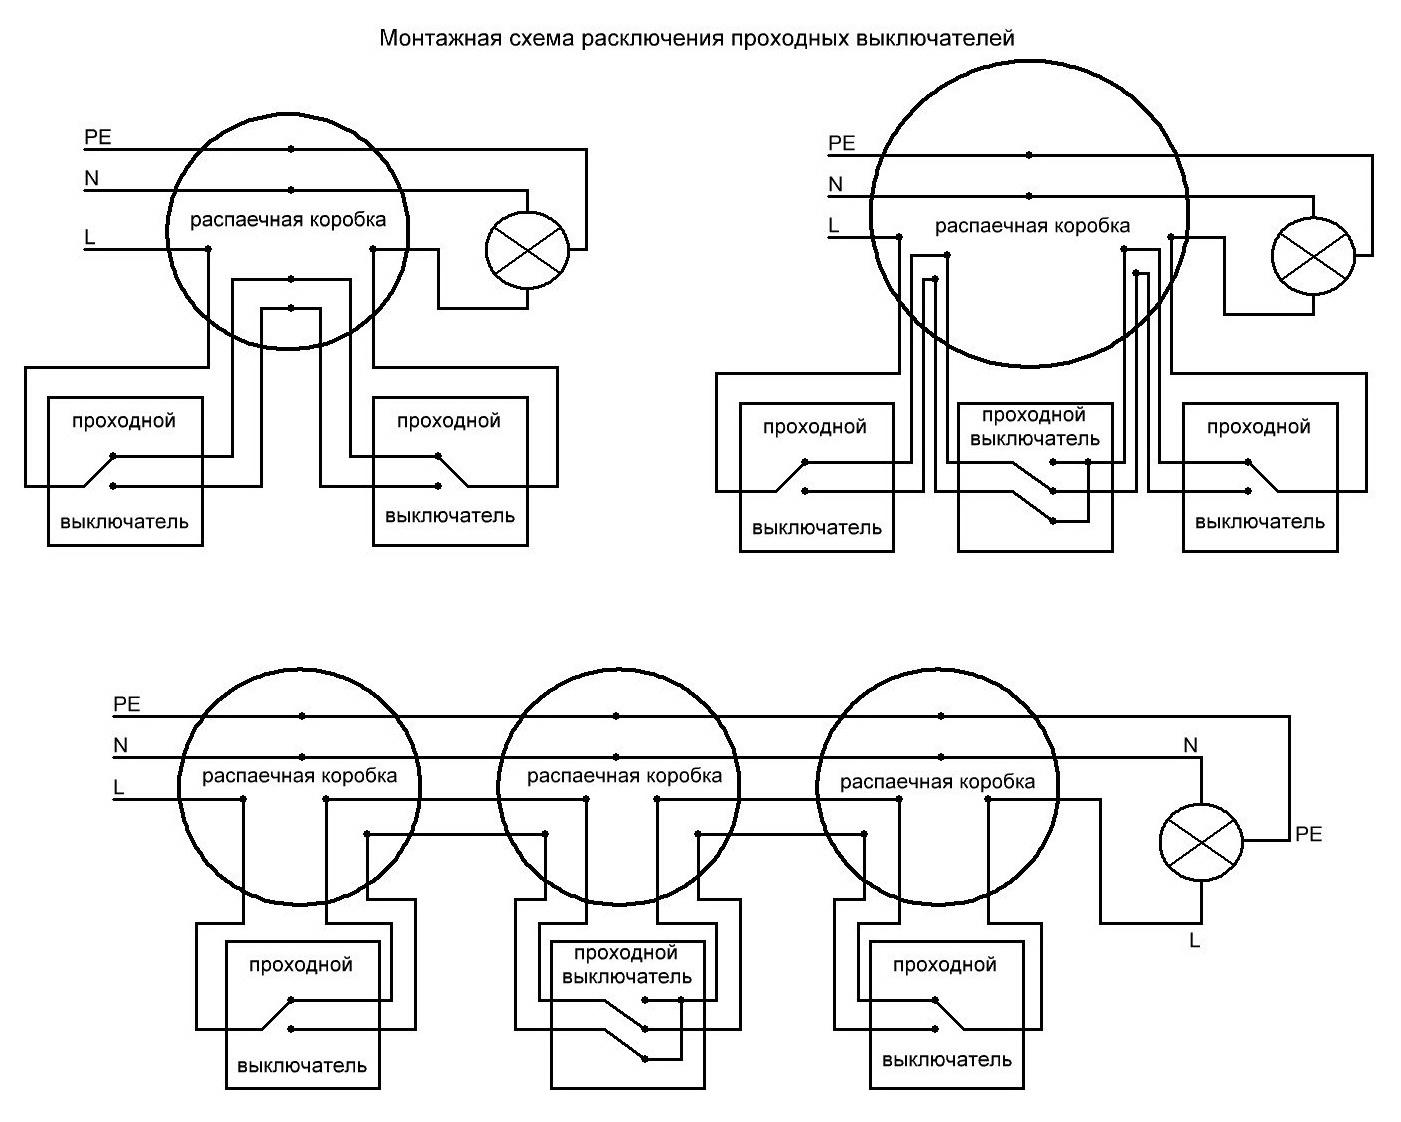 winter схема монтажа прахаднова виключателя …Белье целом